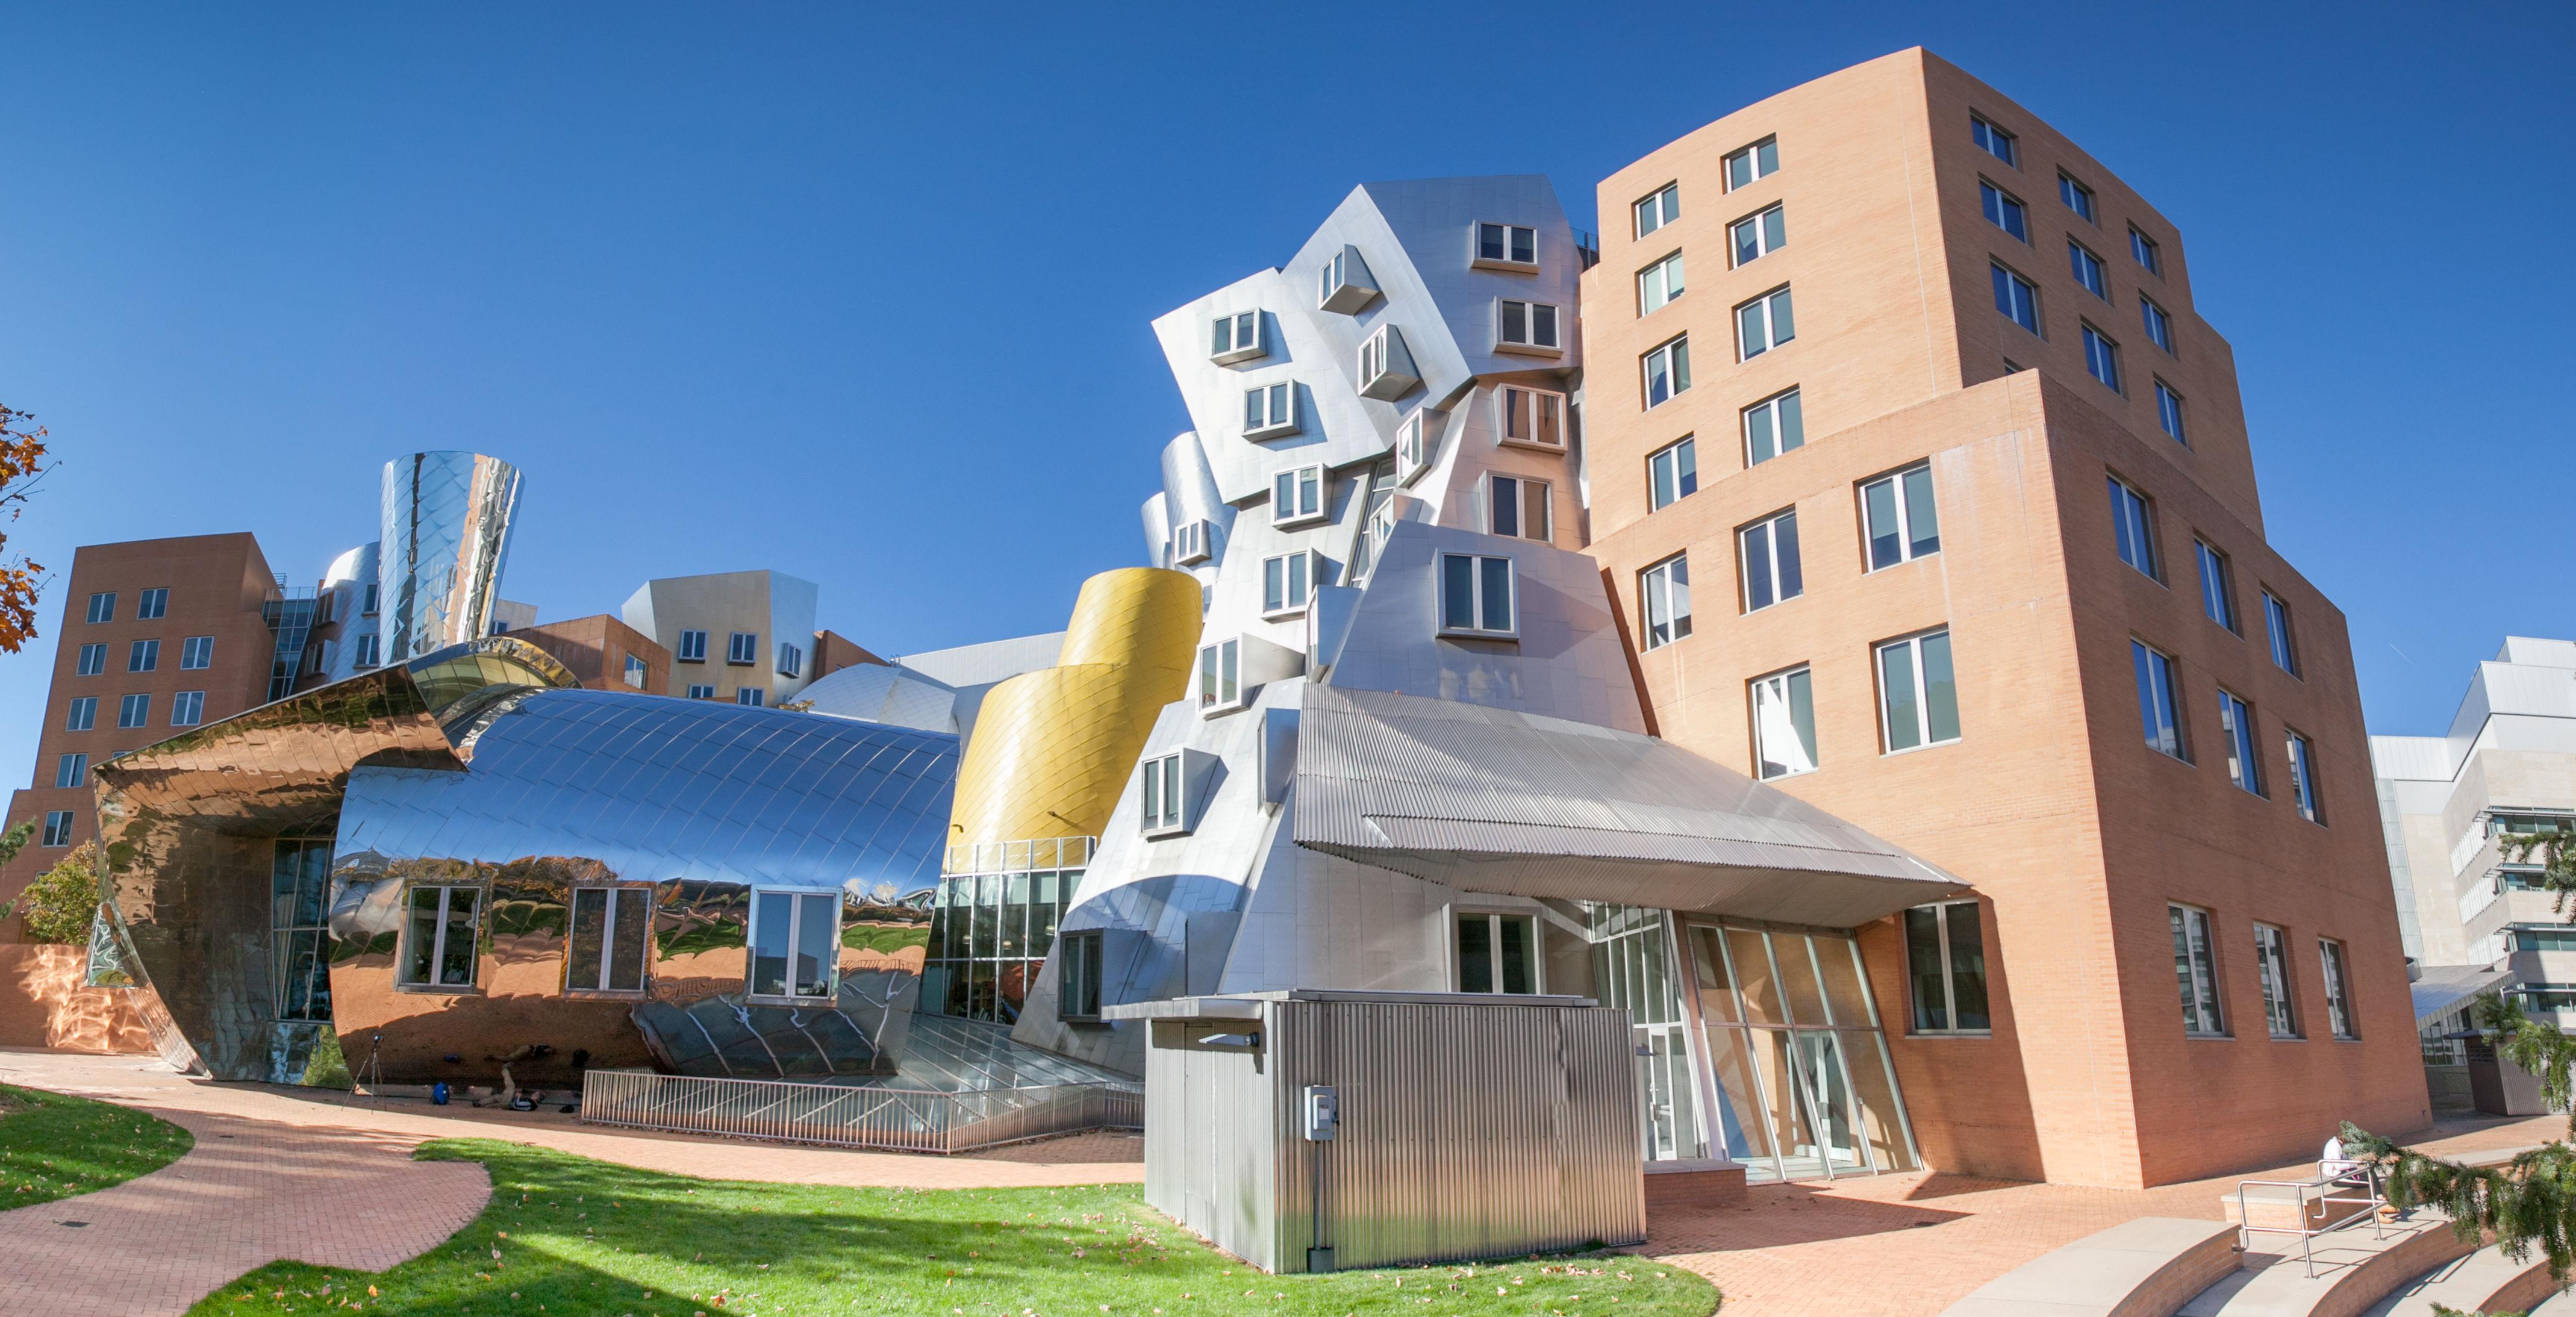 MIT 麻省理工學院 – 世界頂尖大學,全球理工學生的夢想